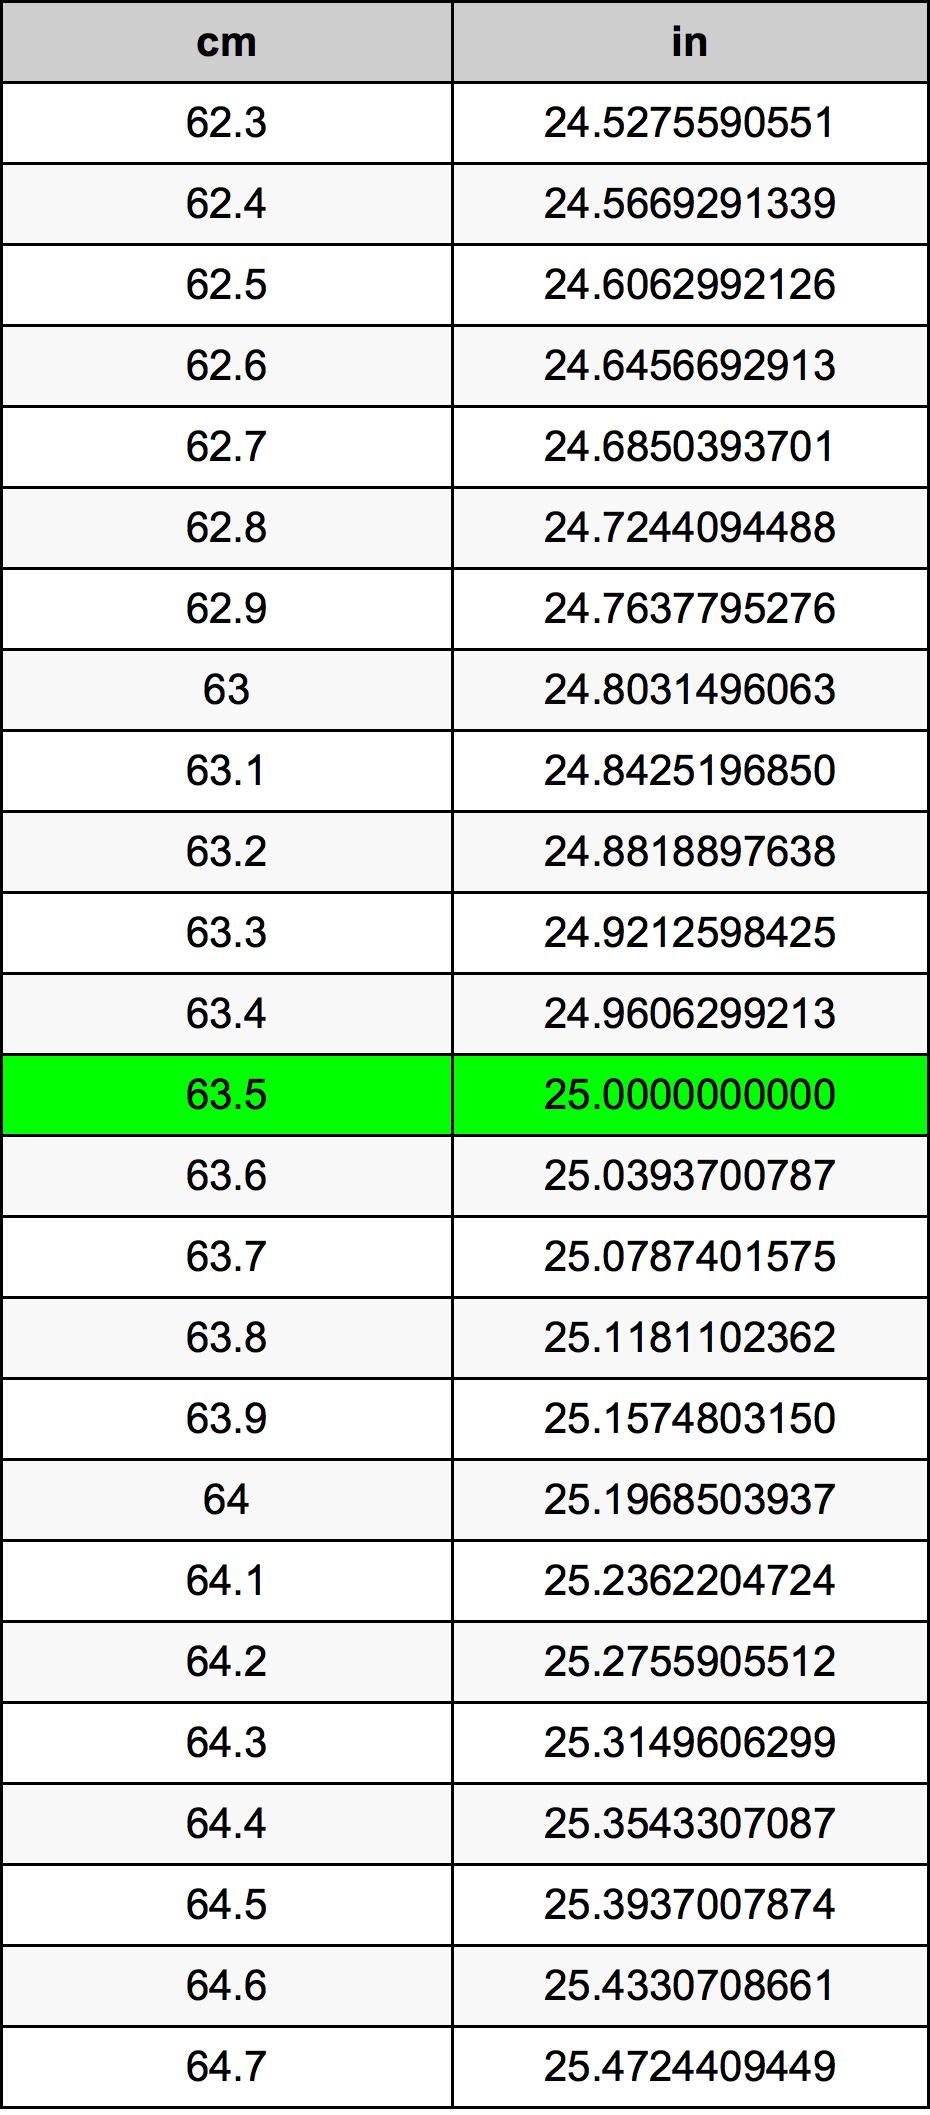 63.5 Centimetar Tablica konverzije